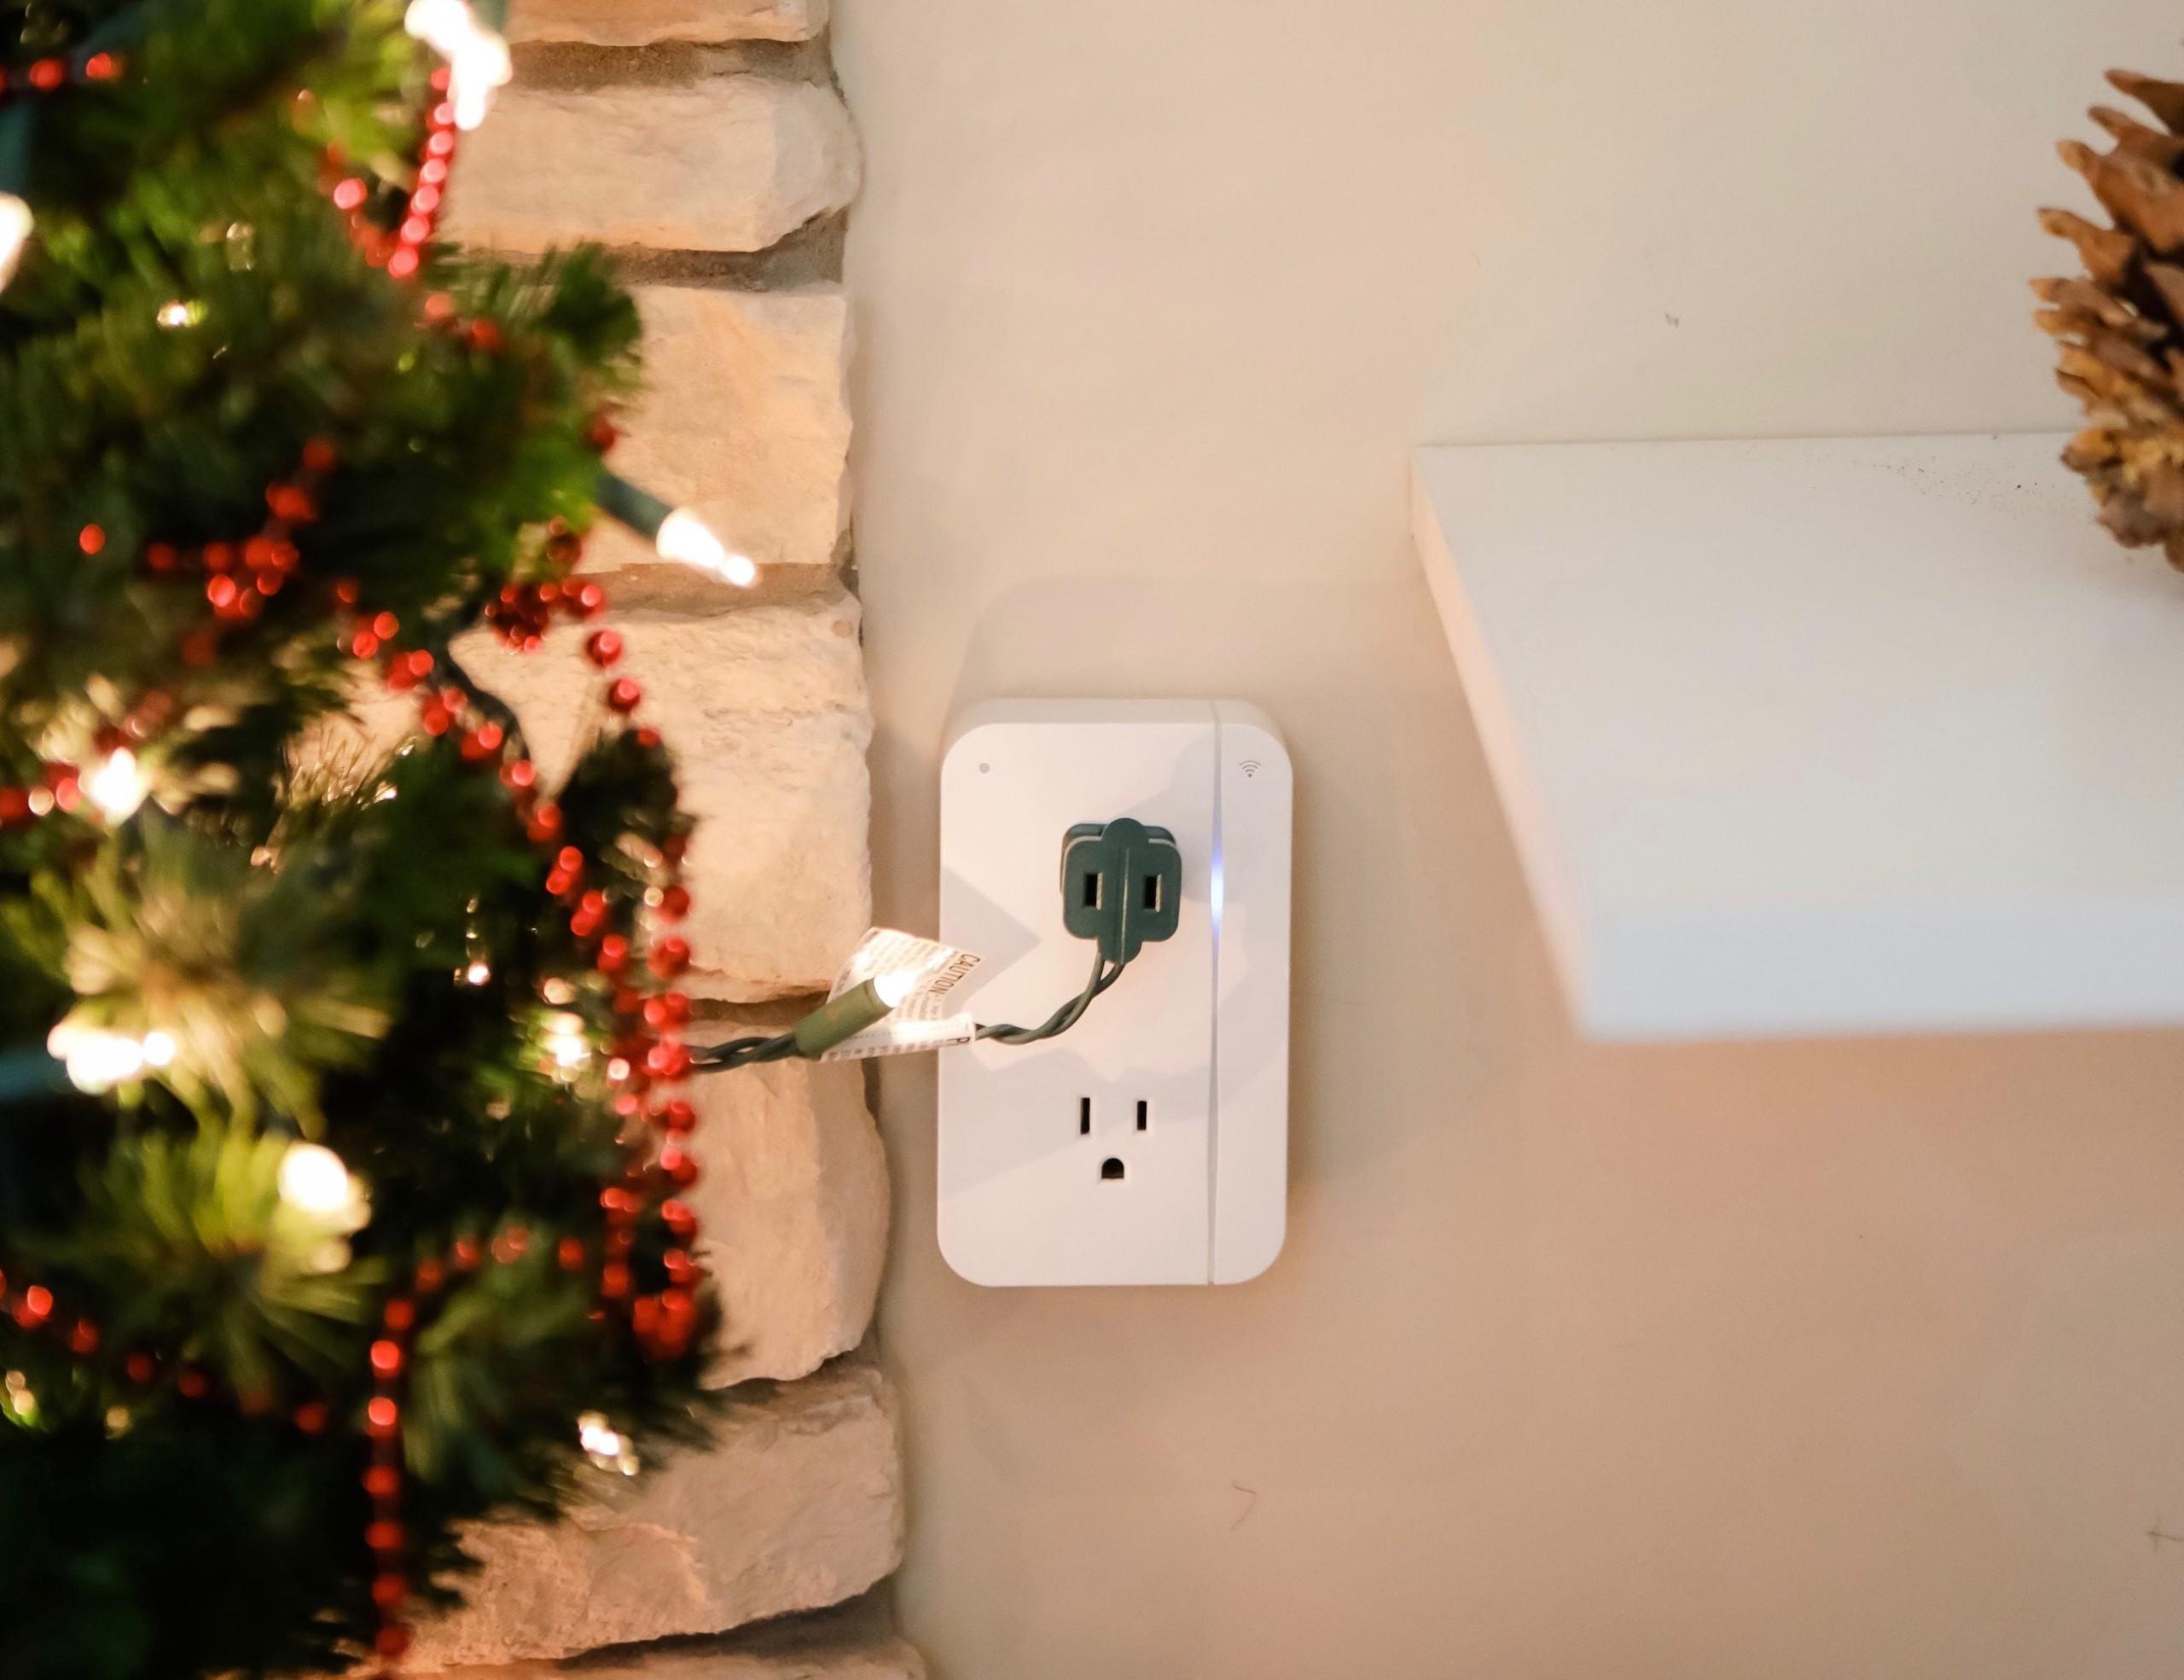 ConnectSense Smart Outlet2 HomeKit Dual Smart Plug